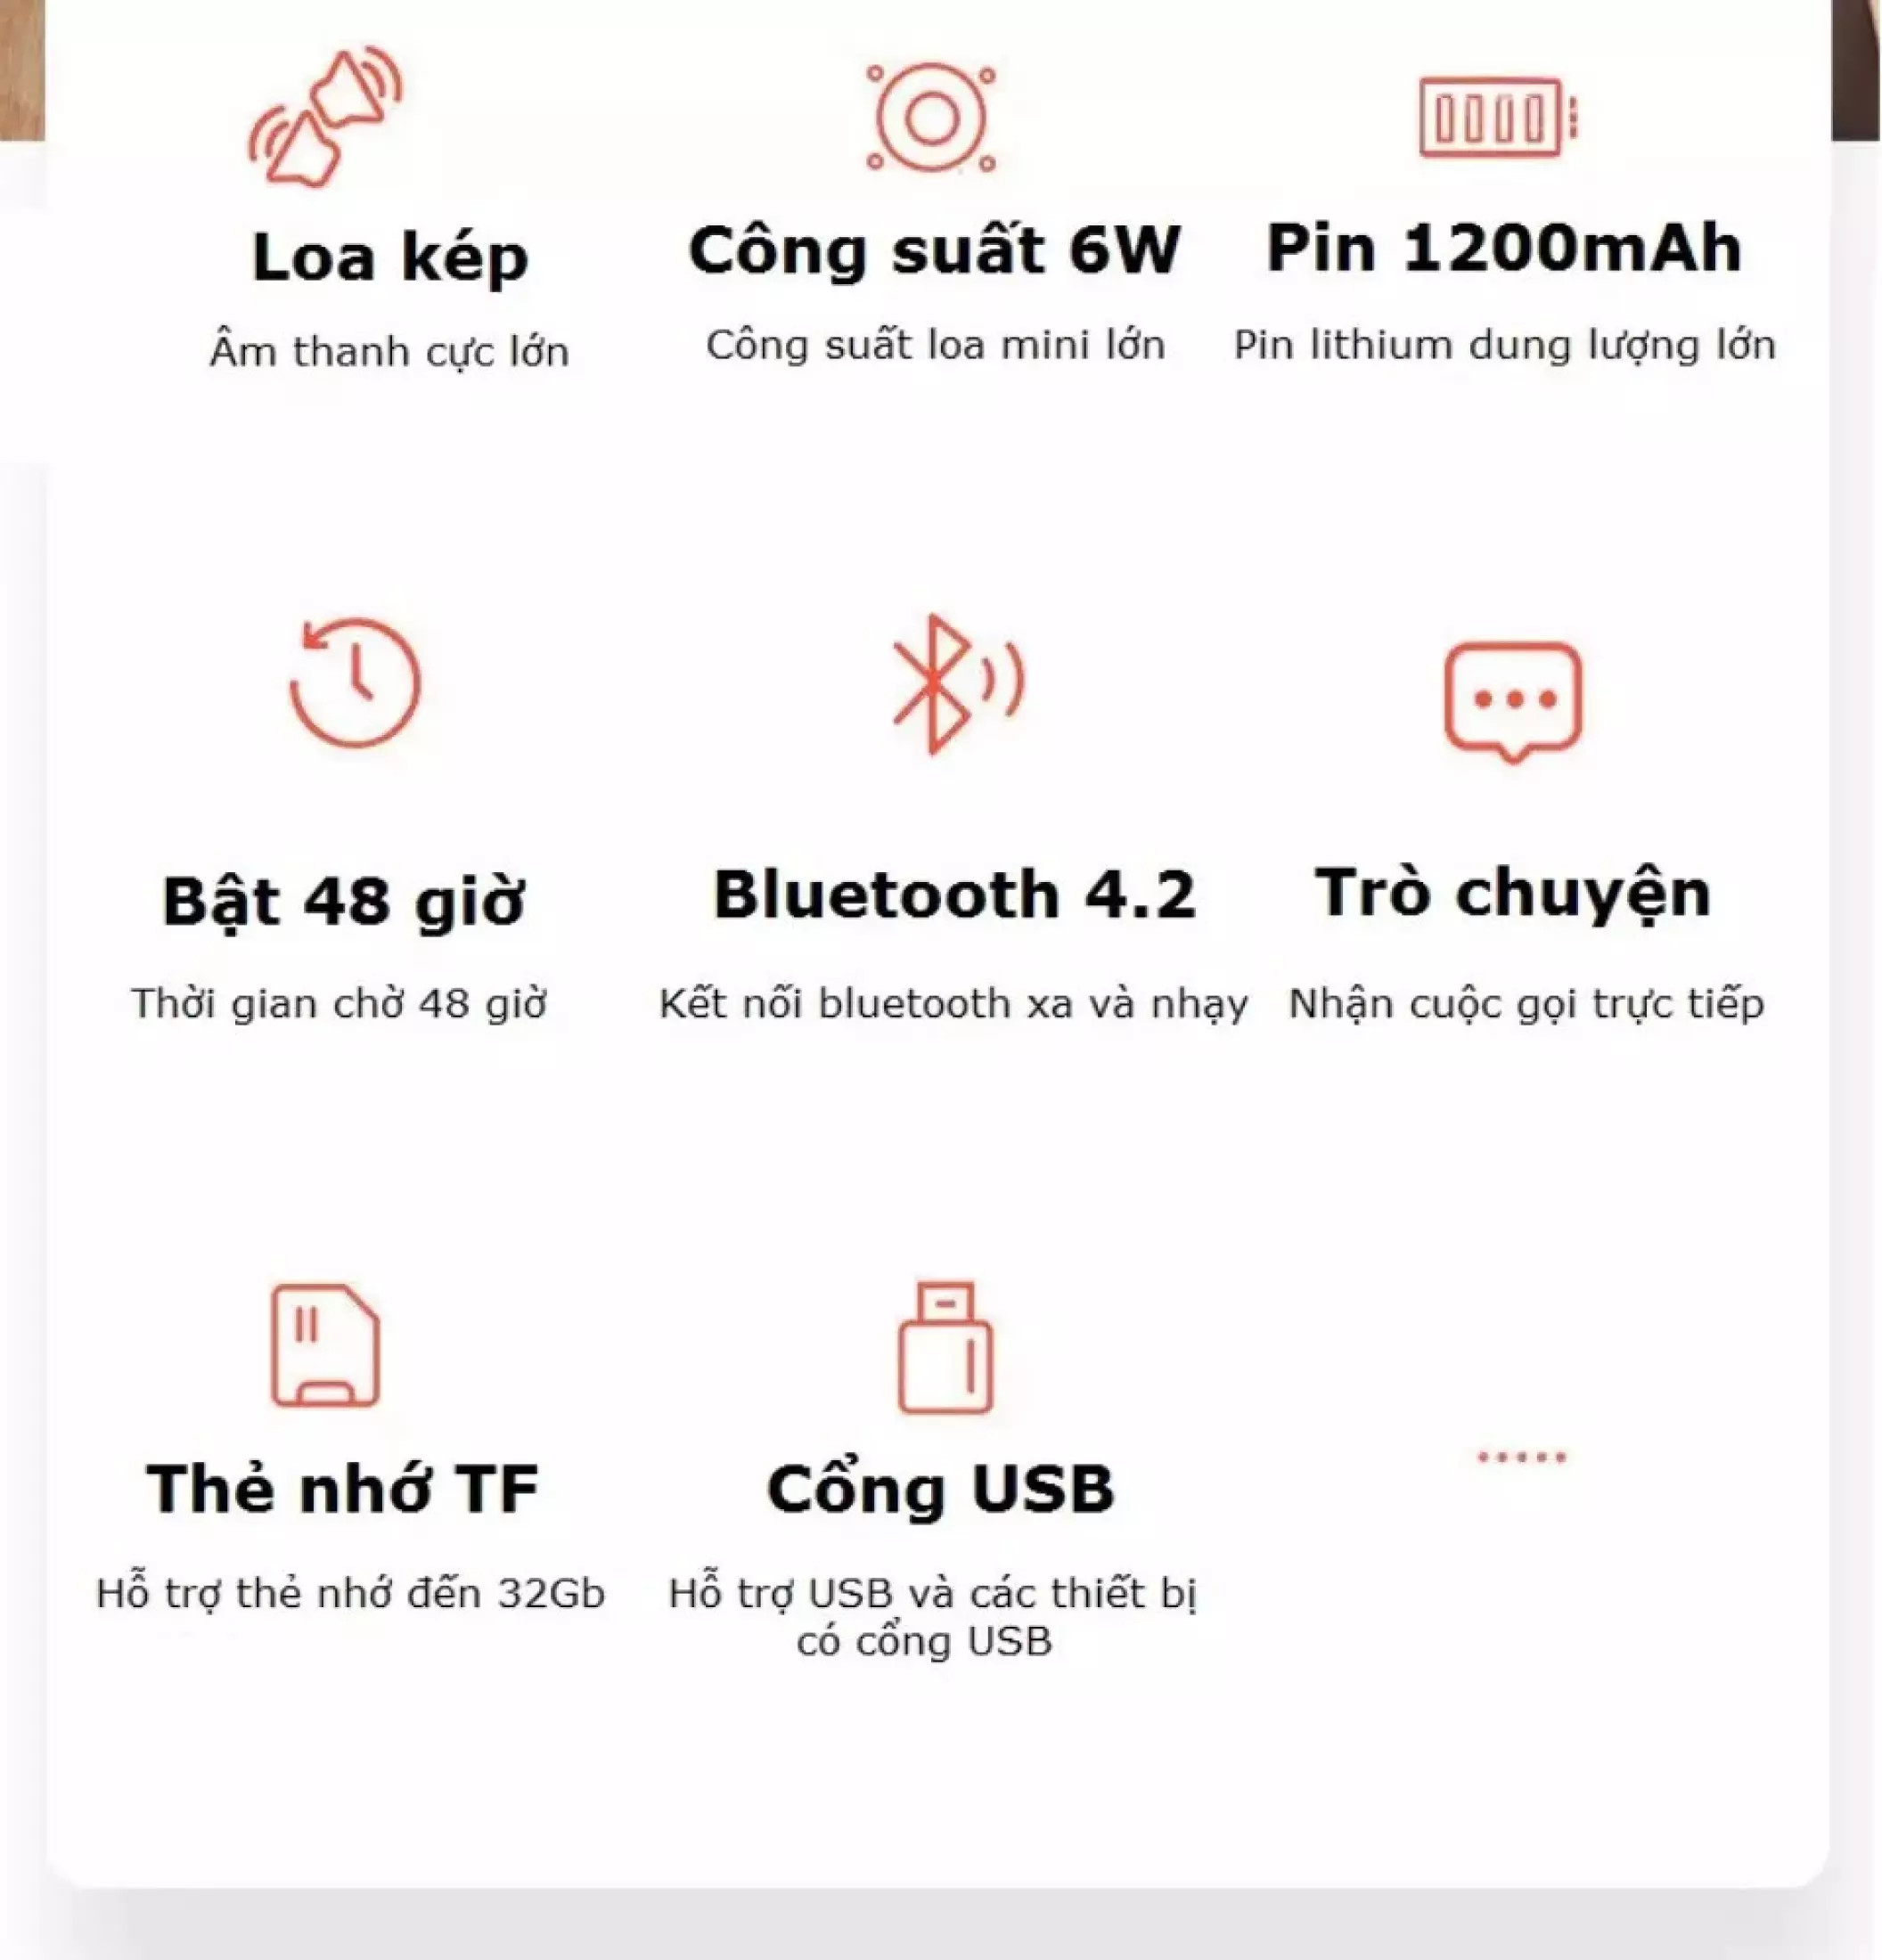 Loa Bluetooth Change Mini 3+ Lanith - Loa Phát Không Dây Mini - Thiết Kế Chắc Chắn, Cứng Cáp - Âm Lượng Lớn, Chất Âm Ấm - Kết Nối Bluetooth Nhanh Chóng, Ổn Định - Tặng Kèm Cáp Sạc 3 Đầu - Hàng Nhập Khẩu - LMN00003-Cap00001